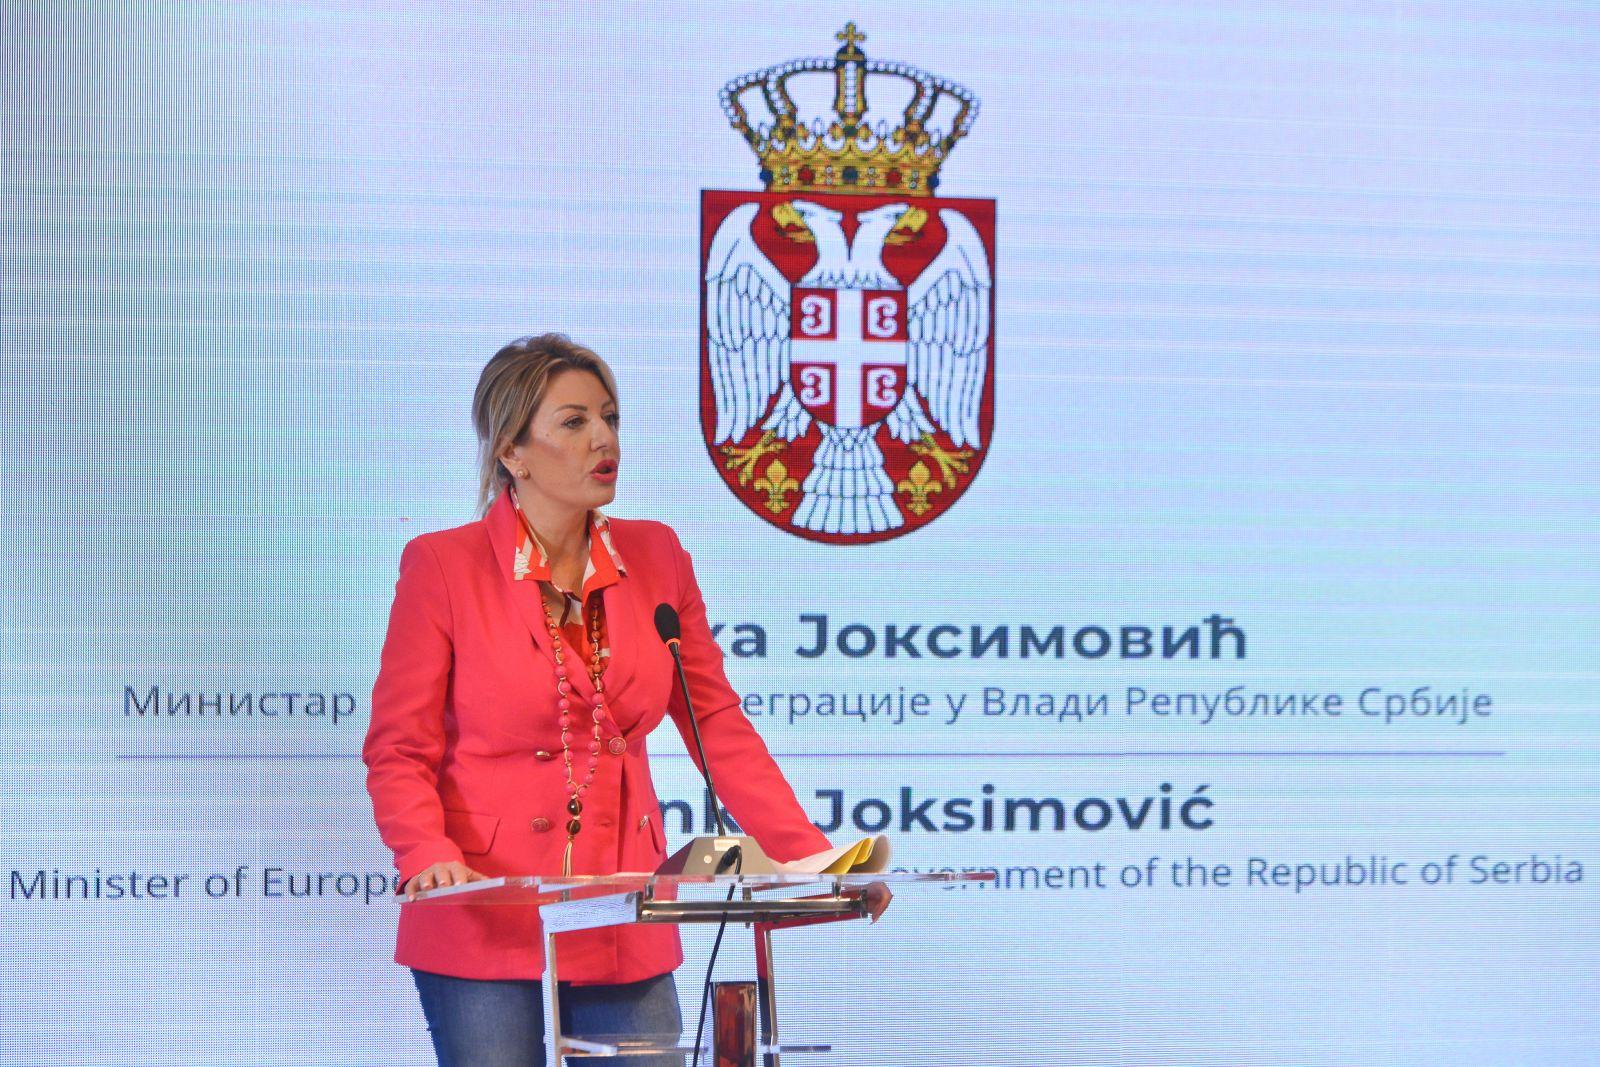 J. Joksimović: EU PRO doprineo ravnomernom teritorijalnom razvoju